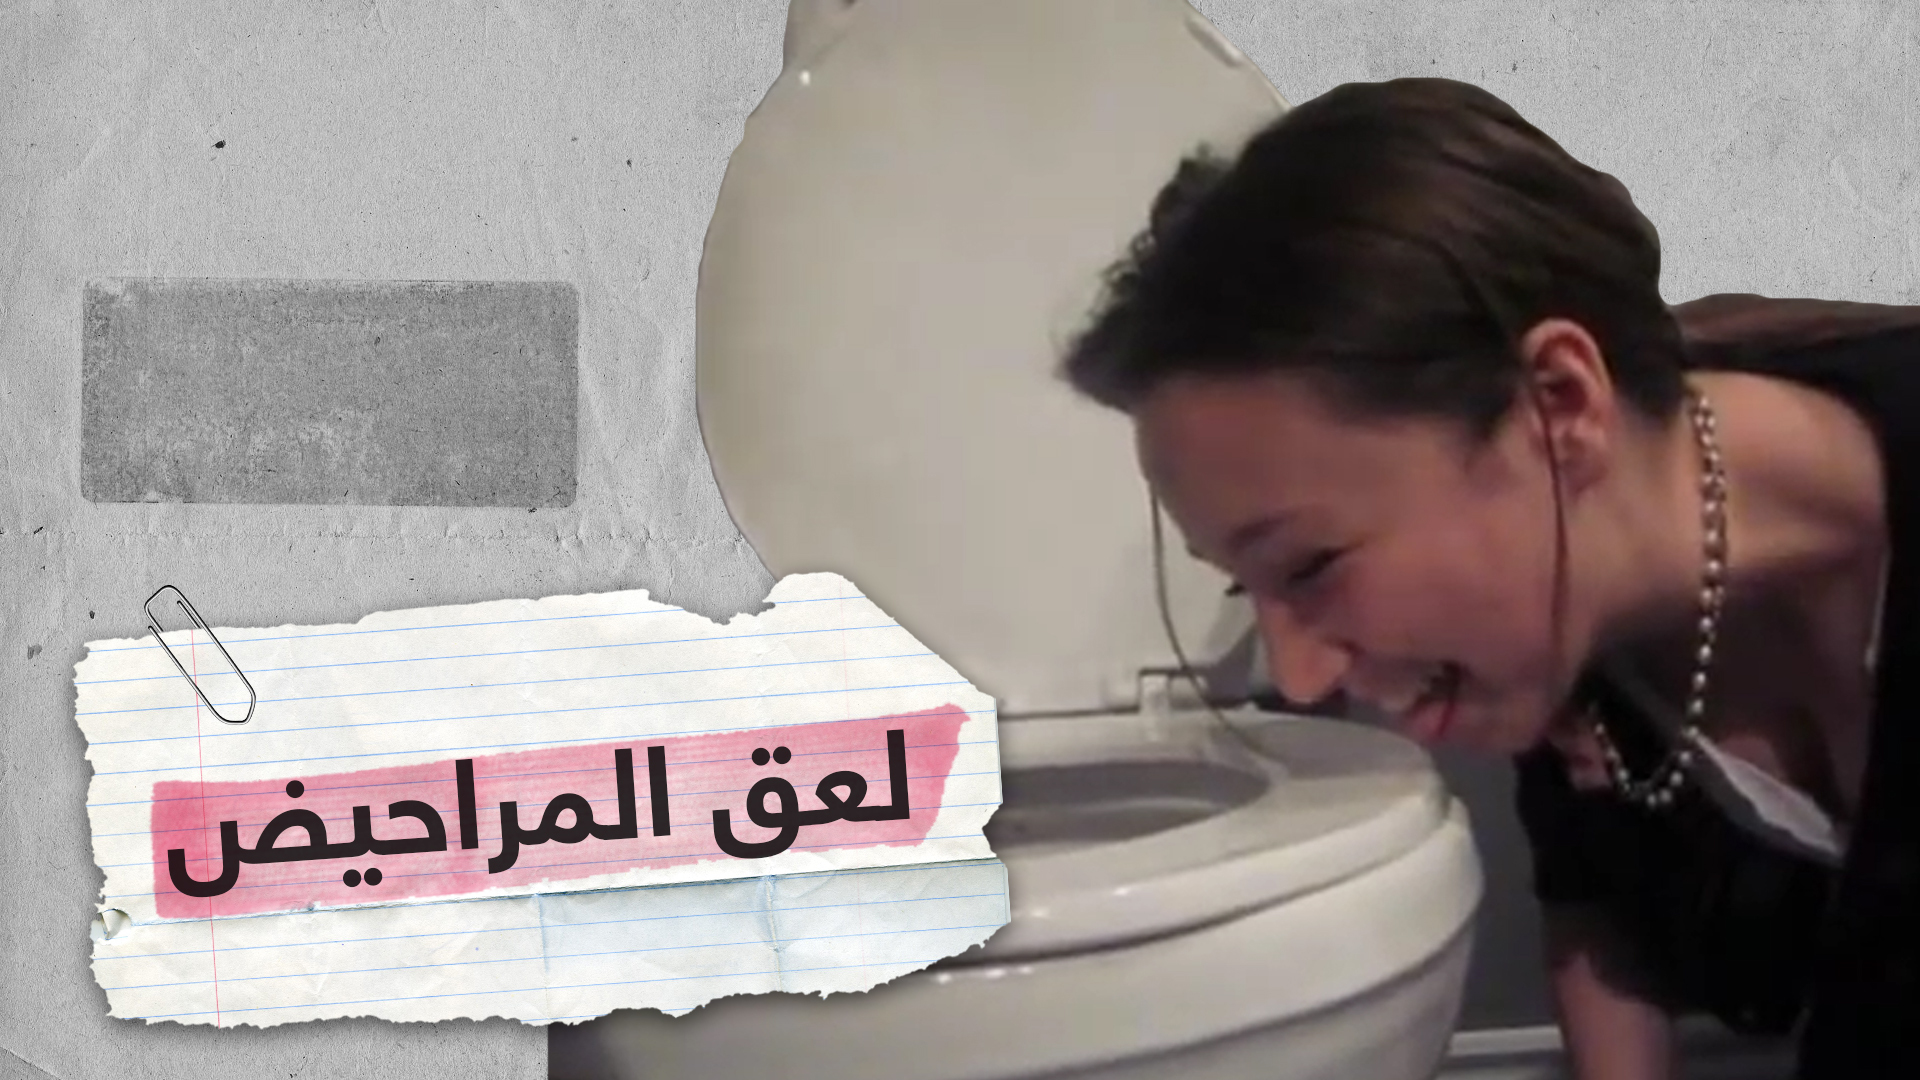 نهاية أمريكي شارك بتحدي لعق المراحيض